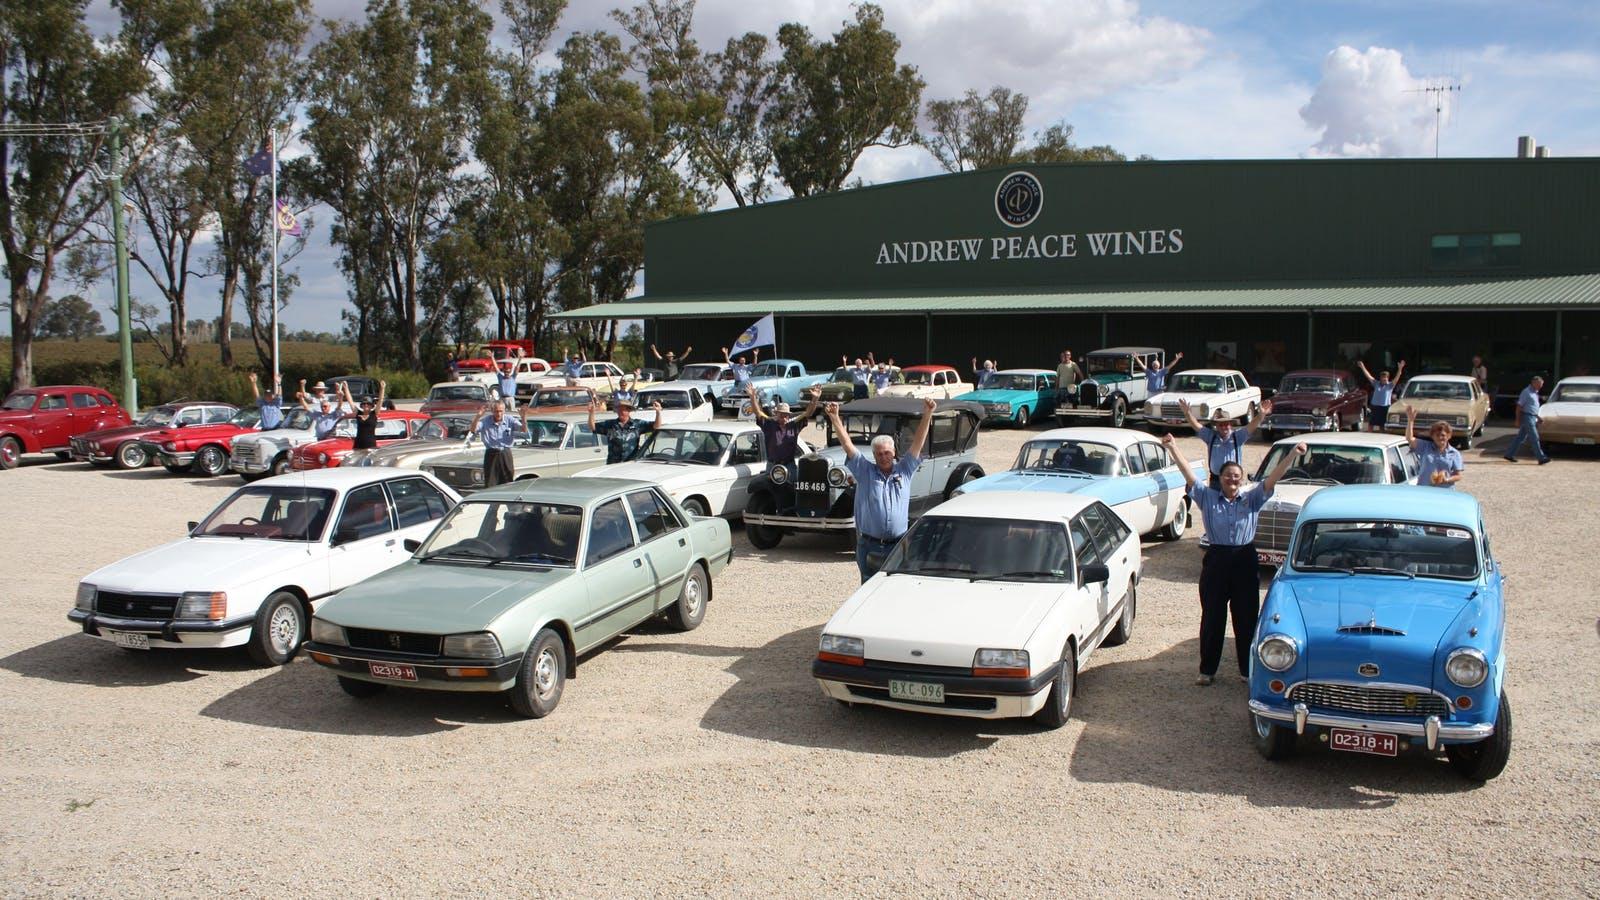 Vintage car clubs visit regularly